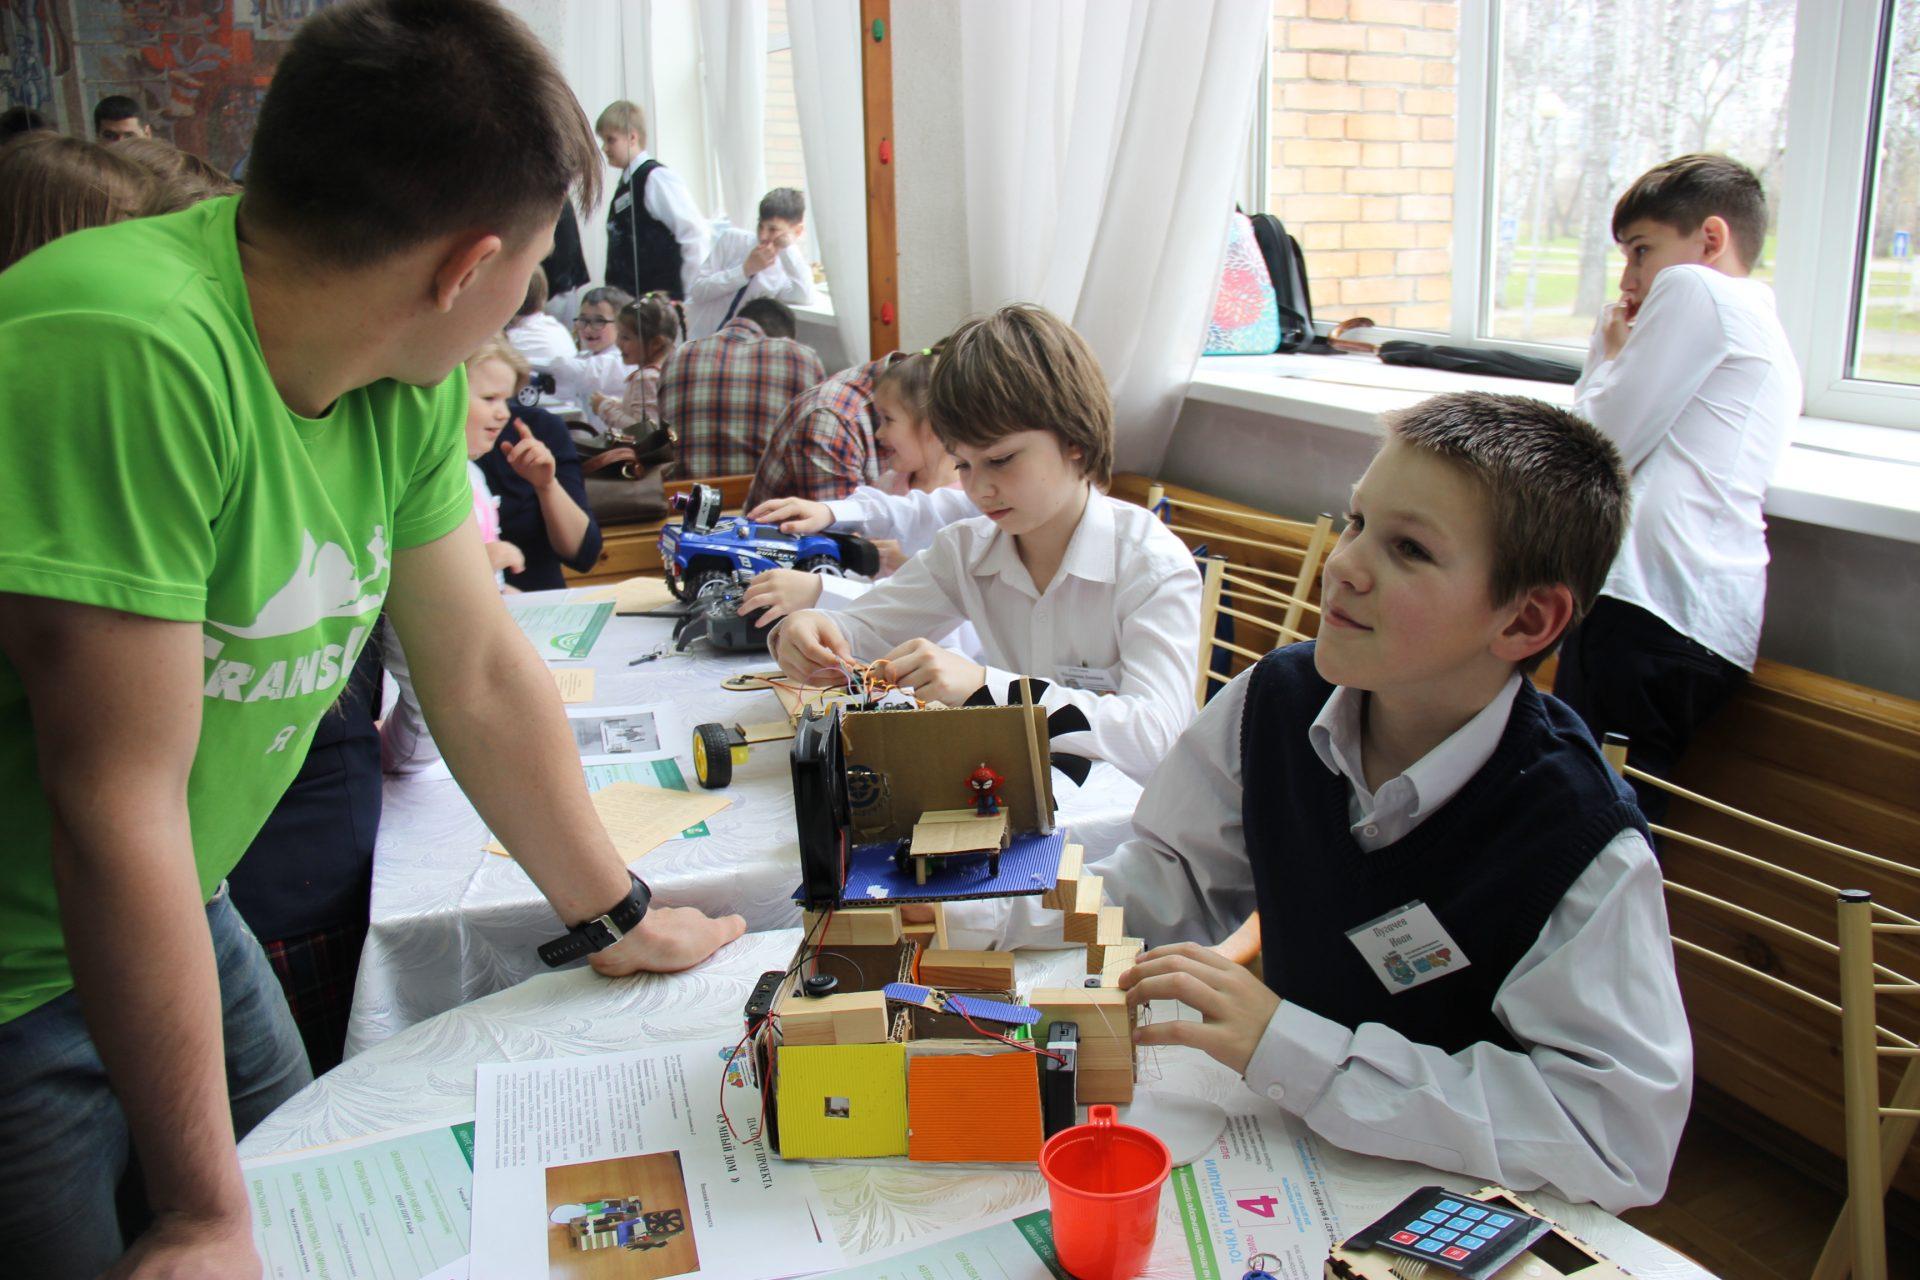 Положительная сторона конкурсов в том, что для образовательных учреждений с невысоким уровнем развития детского технического творчества это единственная возможность показать результаты своей деятельности.